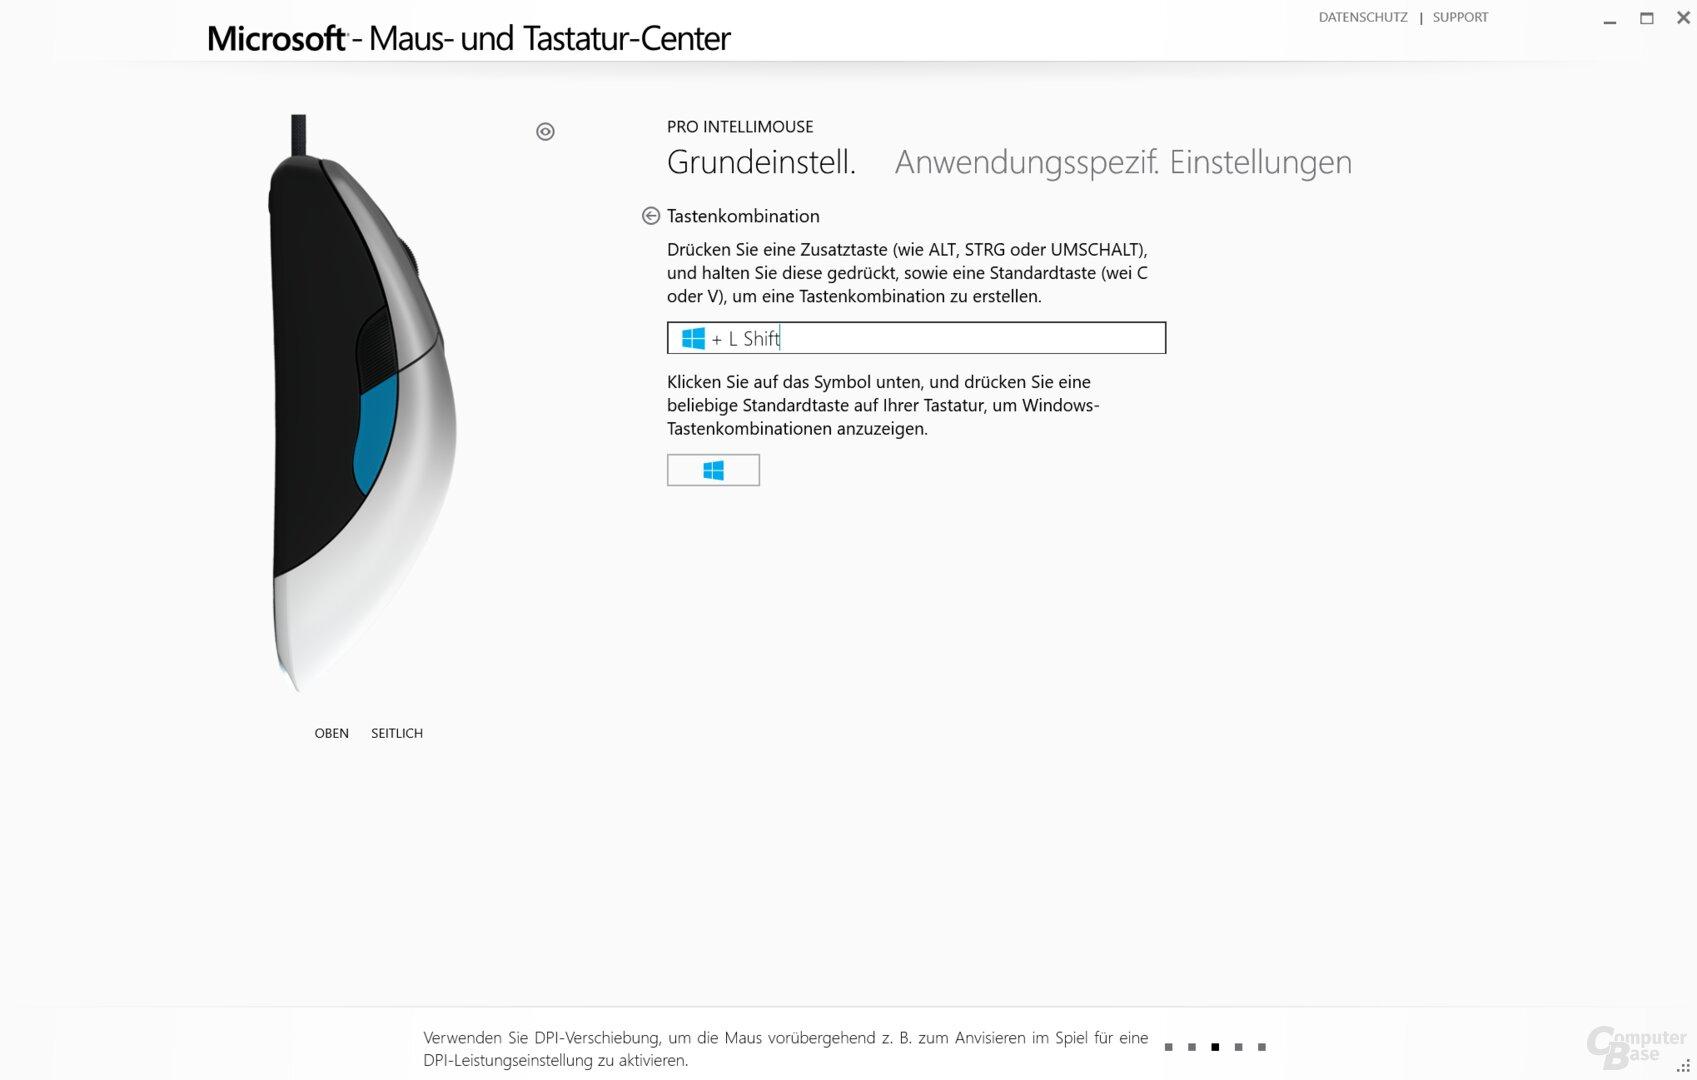 Microsoft Maus- und Tastatur-Center